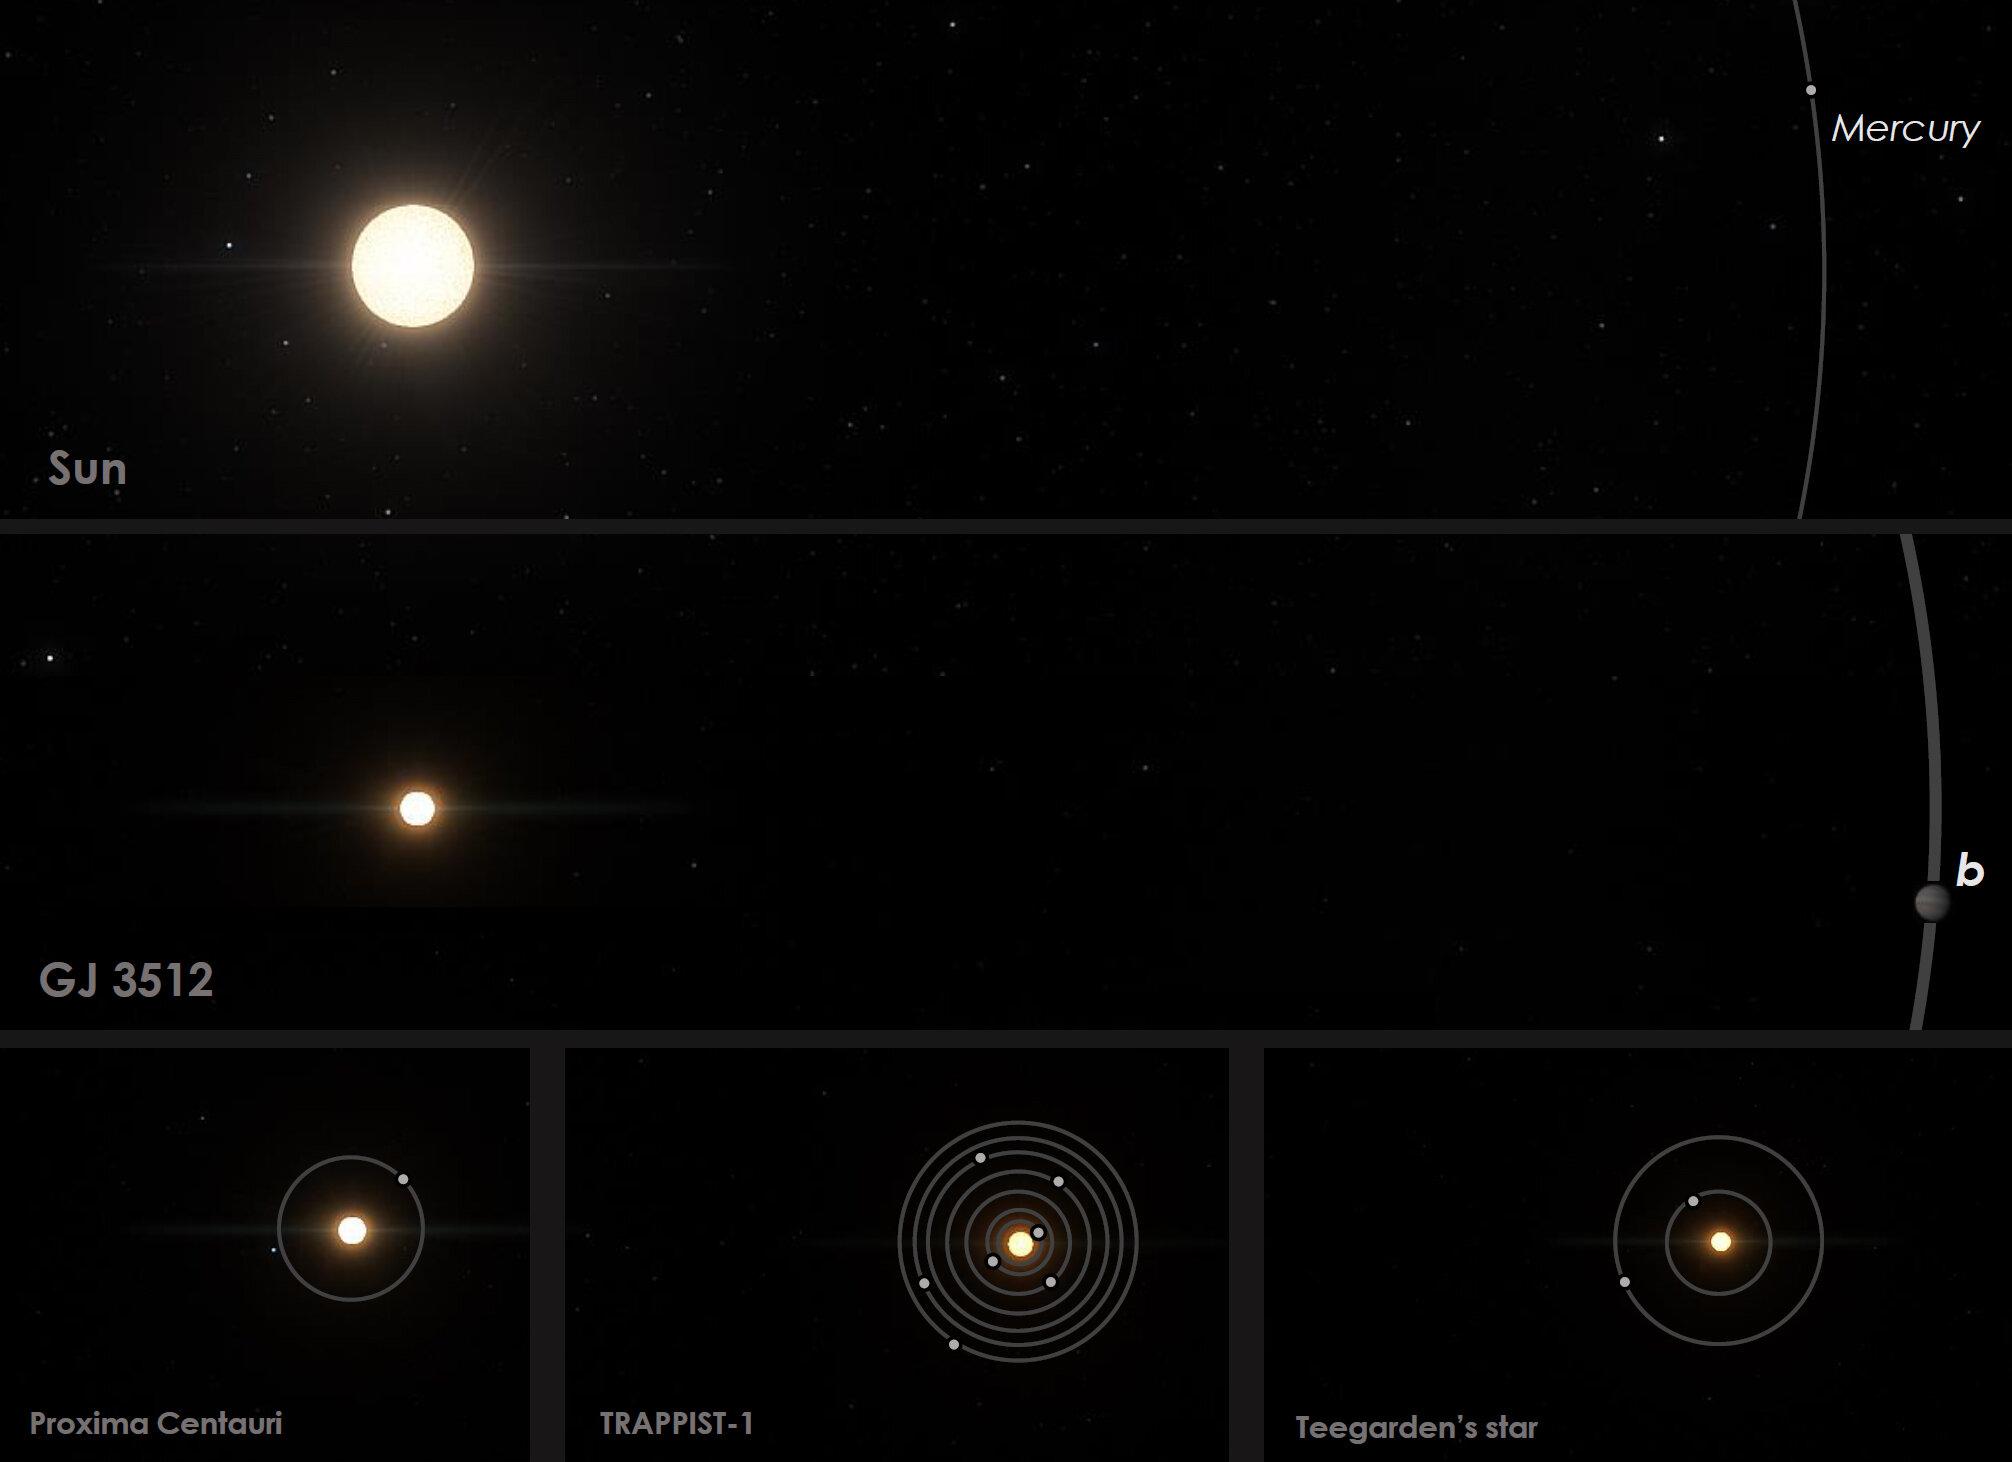 太陽と惑星がほぼ同サイズ? 常識を覆す星系が発見されるの画像 3/5